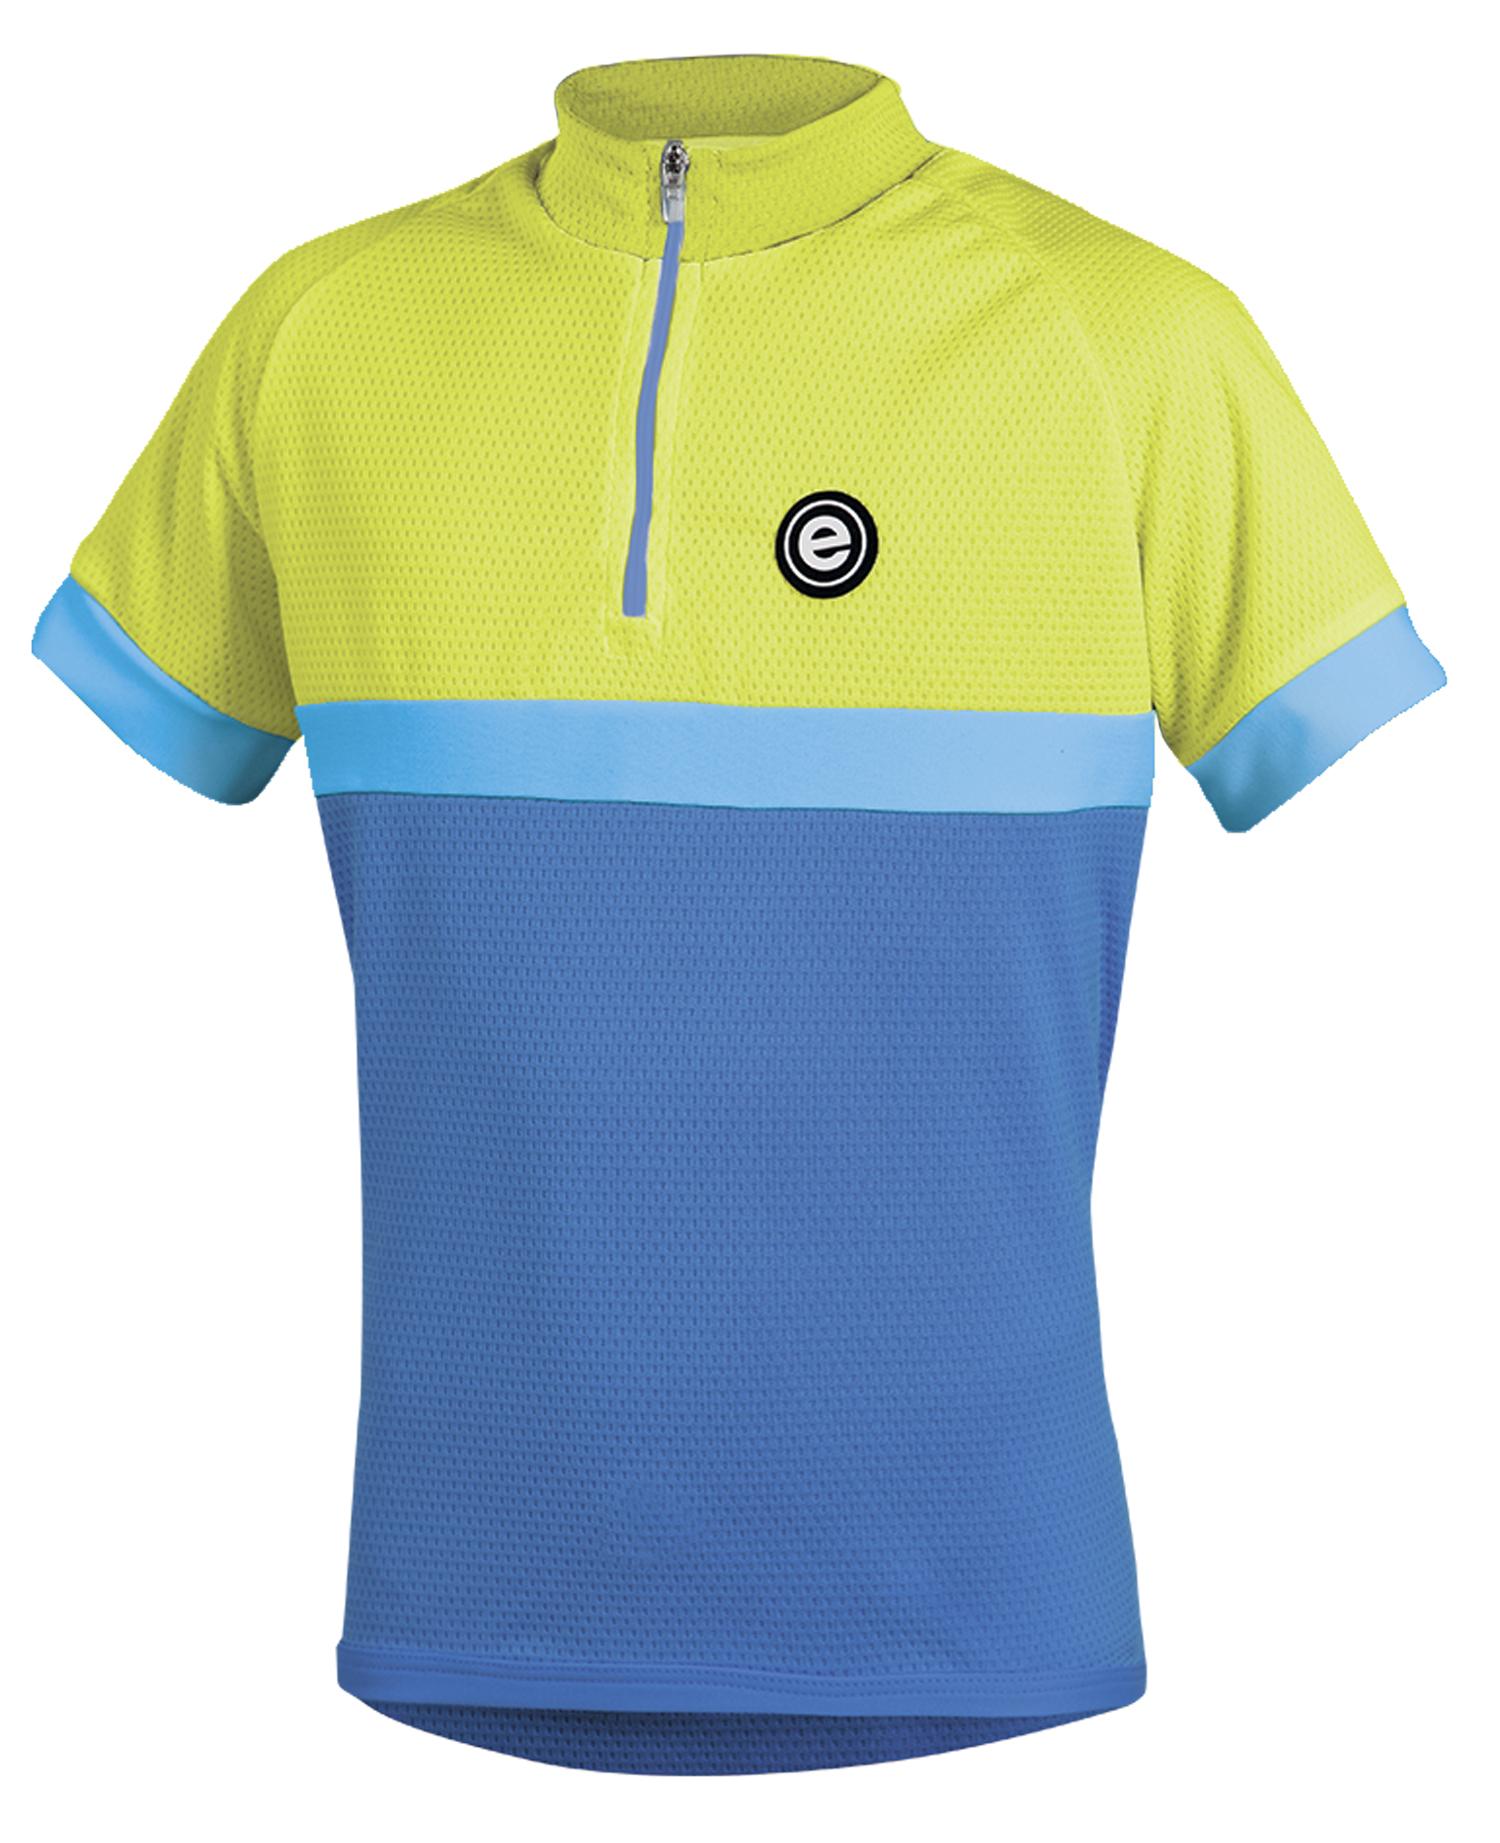 Dětský cyklistický dres ETAPE Bambino, 140/146, modrá/žlutá fluo, model 2017 (Dětský dres Etape, přední zip)